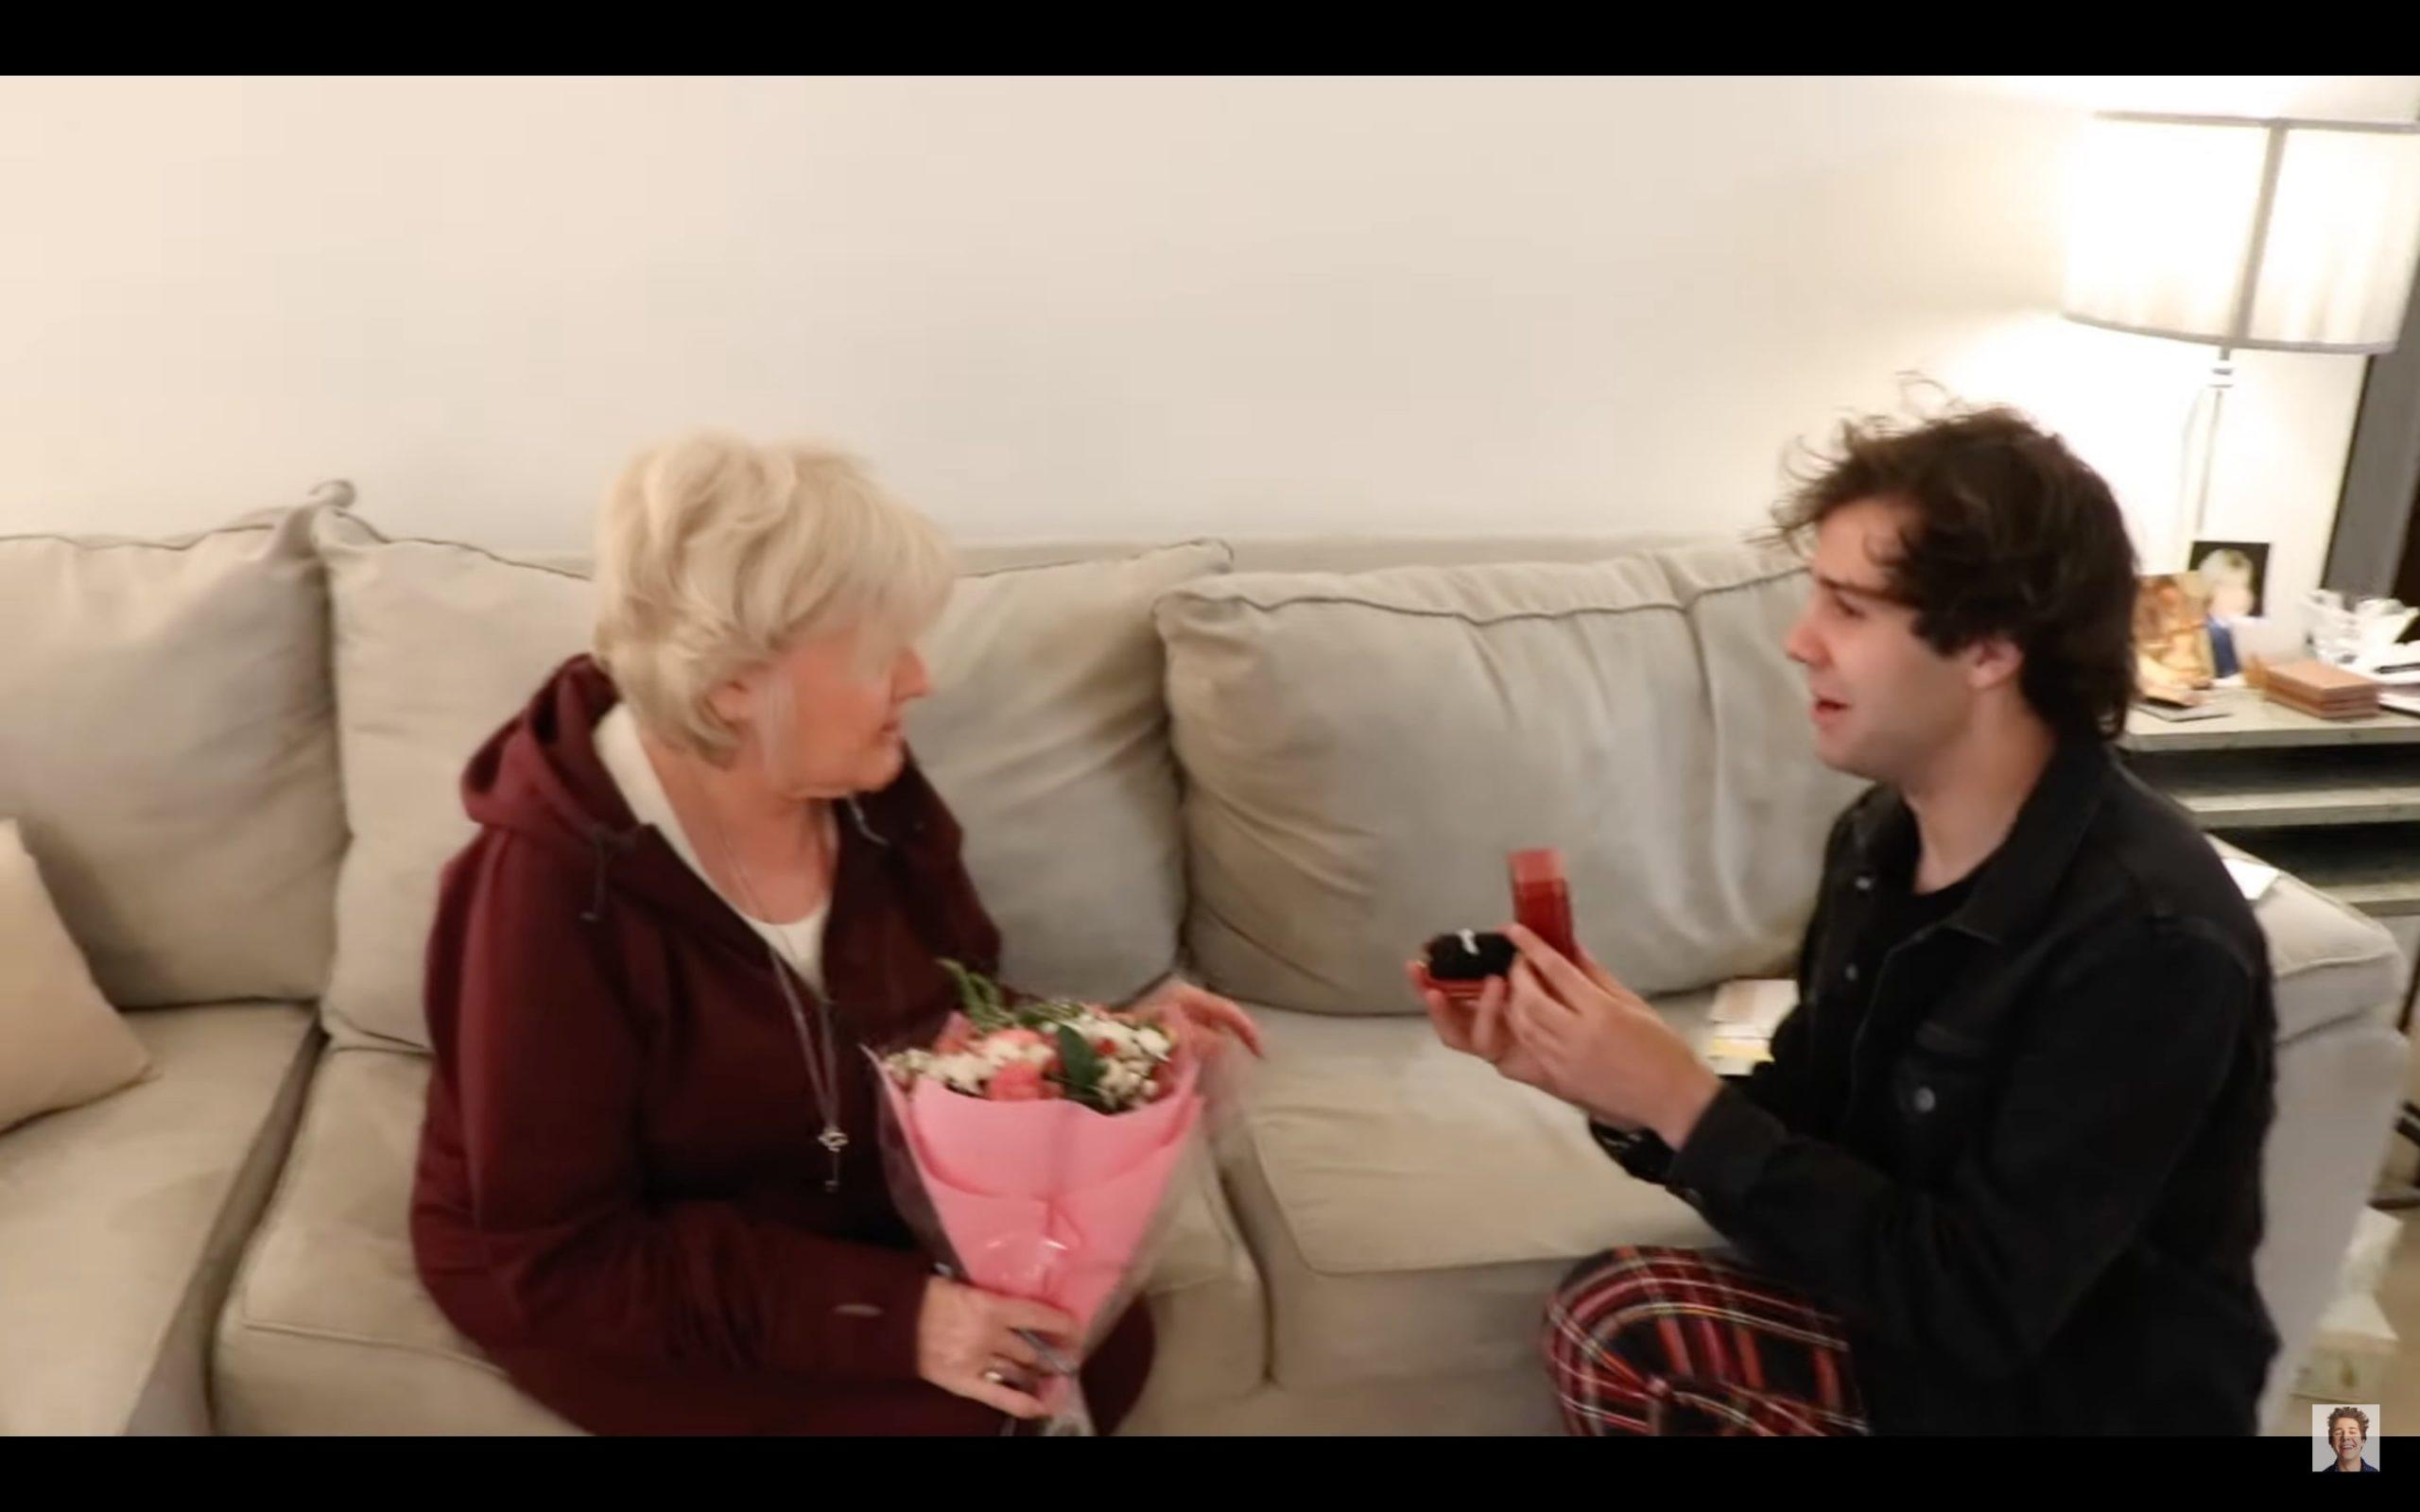 David Dobrik proposing to Lorraine Nash